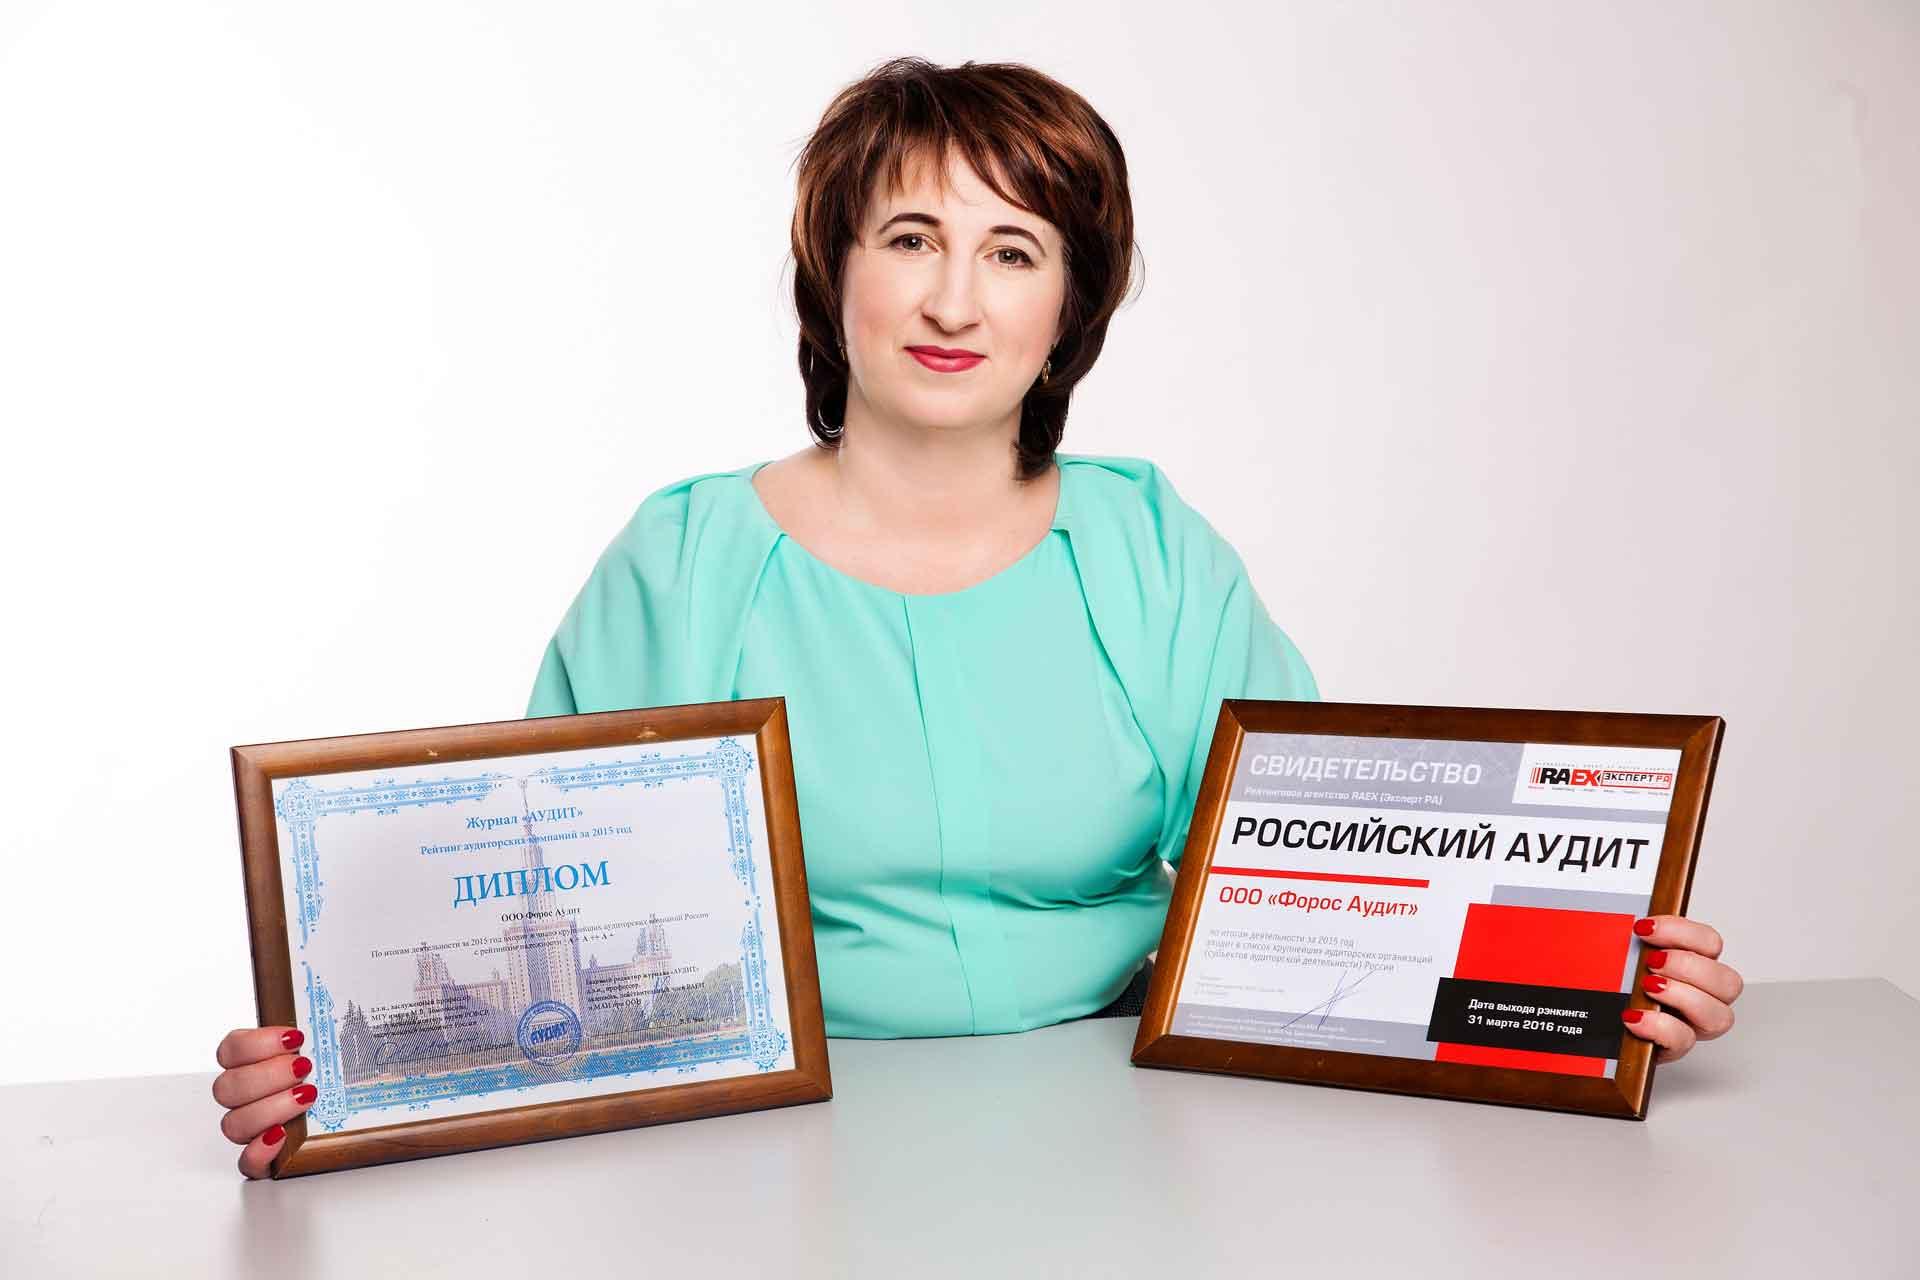 Спикер: Васильева Елена, бухгалтерия и финансовый аудит